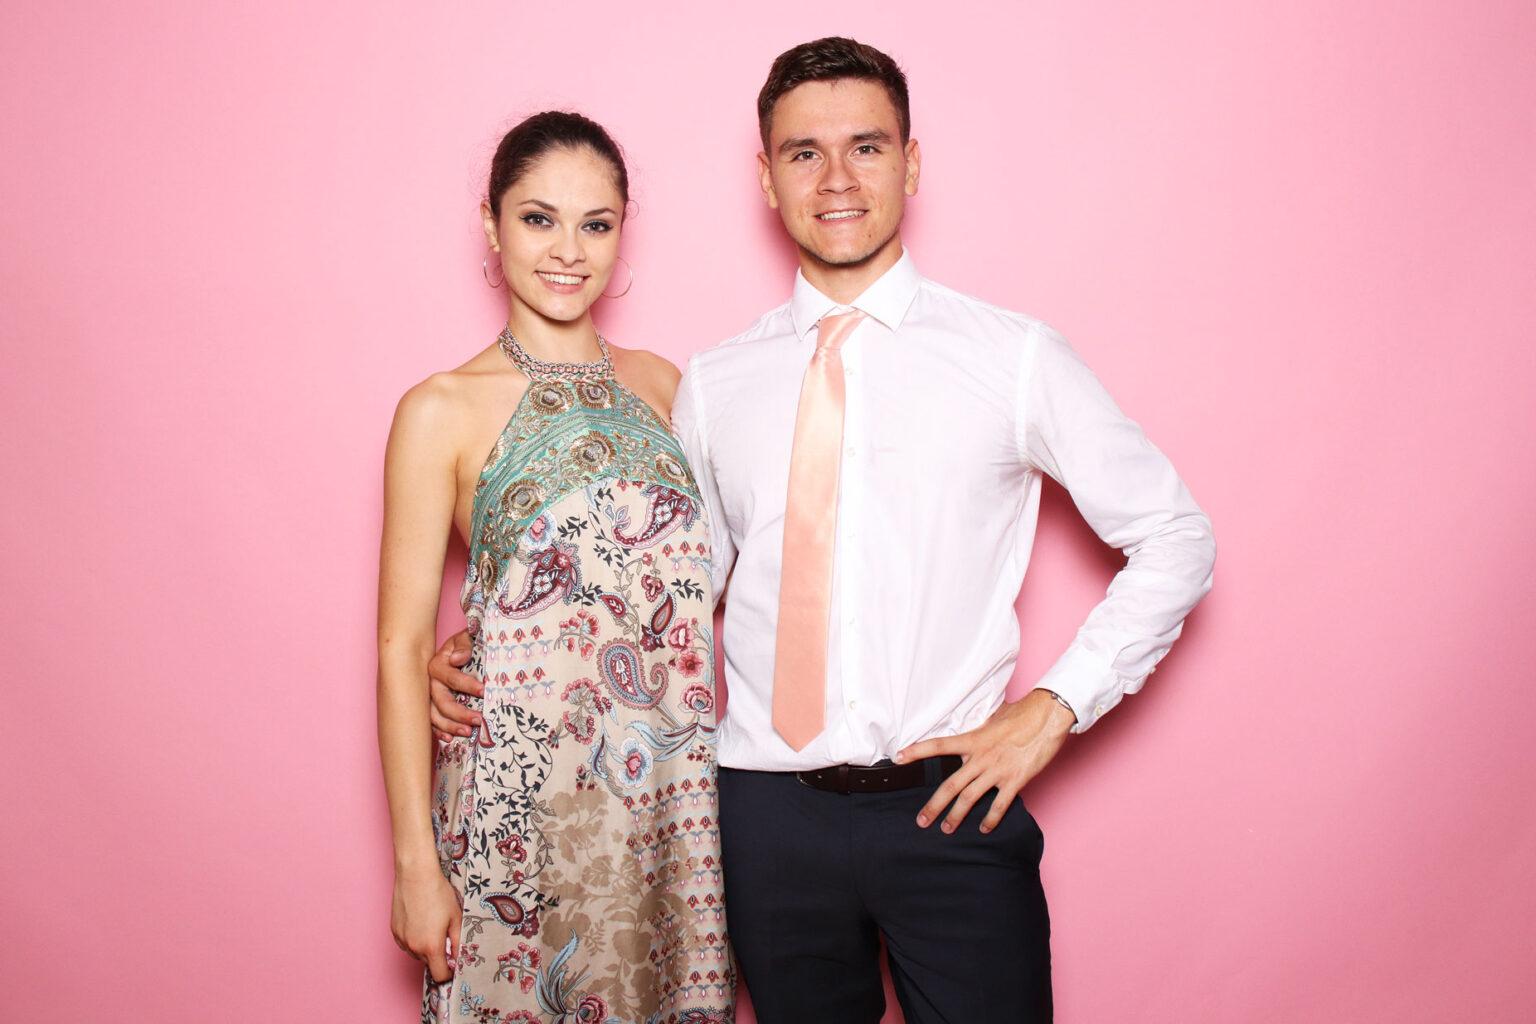 Fotostena Smoothie pink - ružová - fotopozadie na svadbu, oslavu - fotokútik